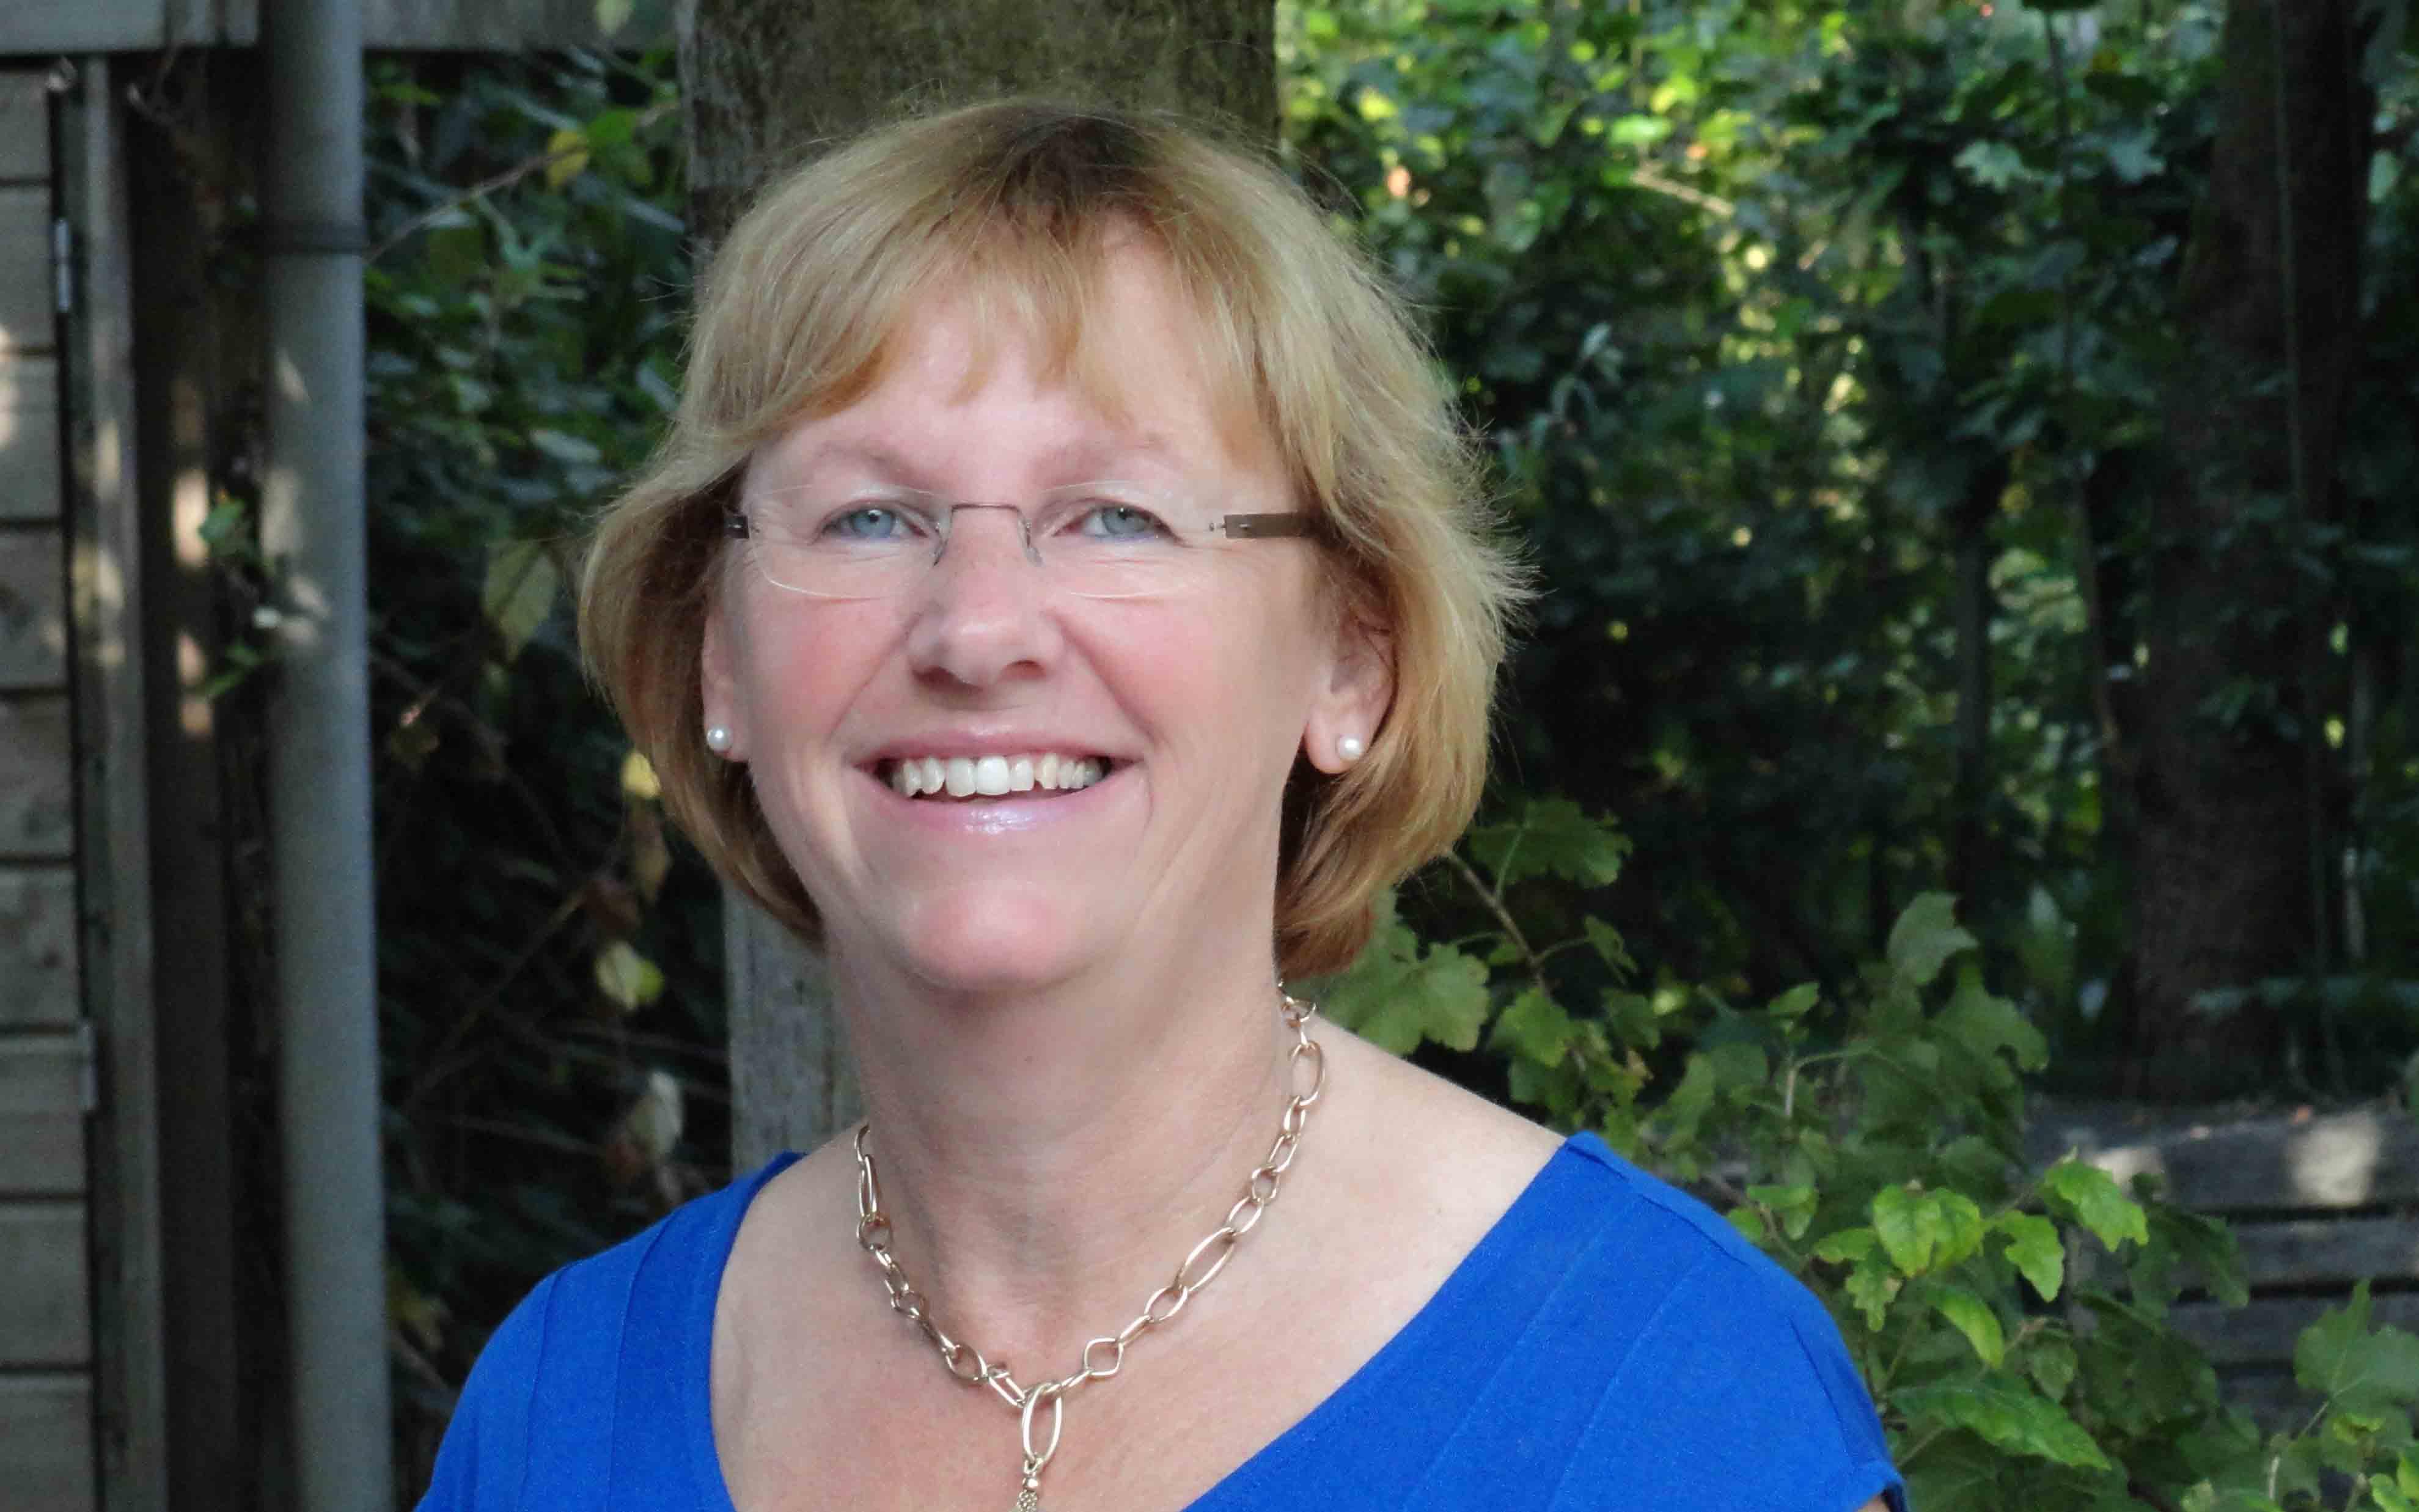 Caroline van Meel